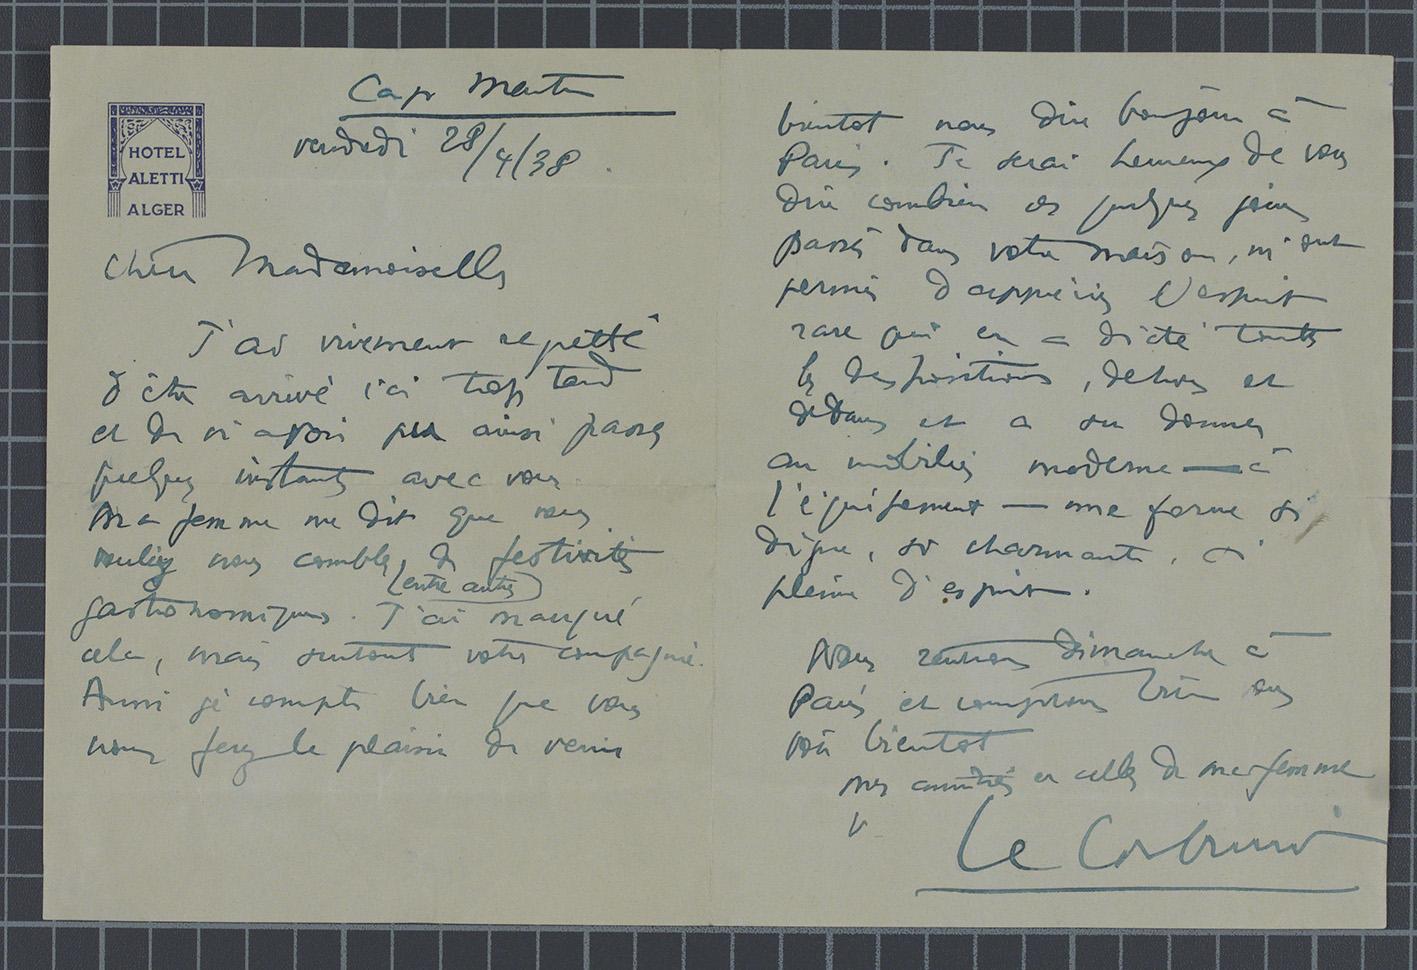 Lettera da Le Corbusier a Eileen Gray. / Letter from Le Corbusier to Eileen Gray. ©NMI.